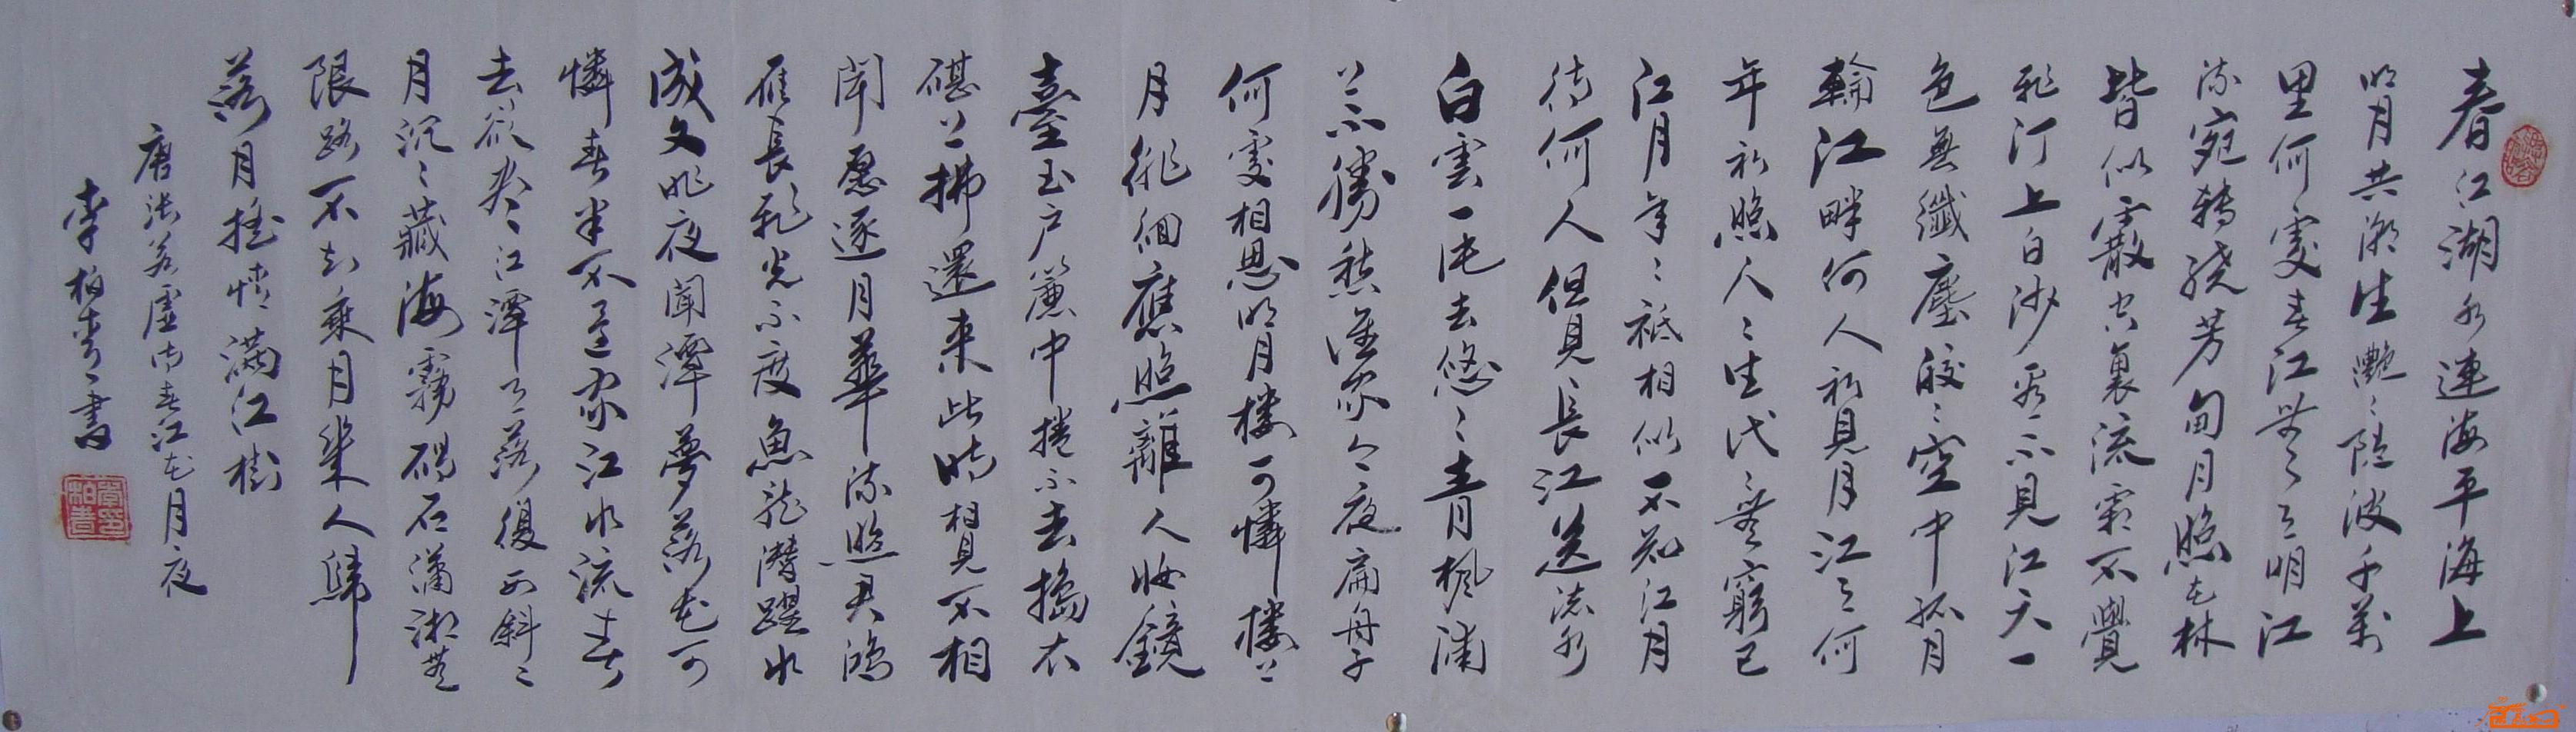 名家 李柏青 书法 - 行书春江花月夜 当前 位粉丝喜爱本幅作品图片